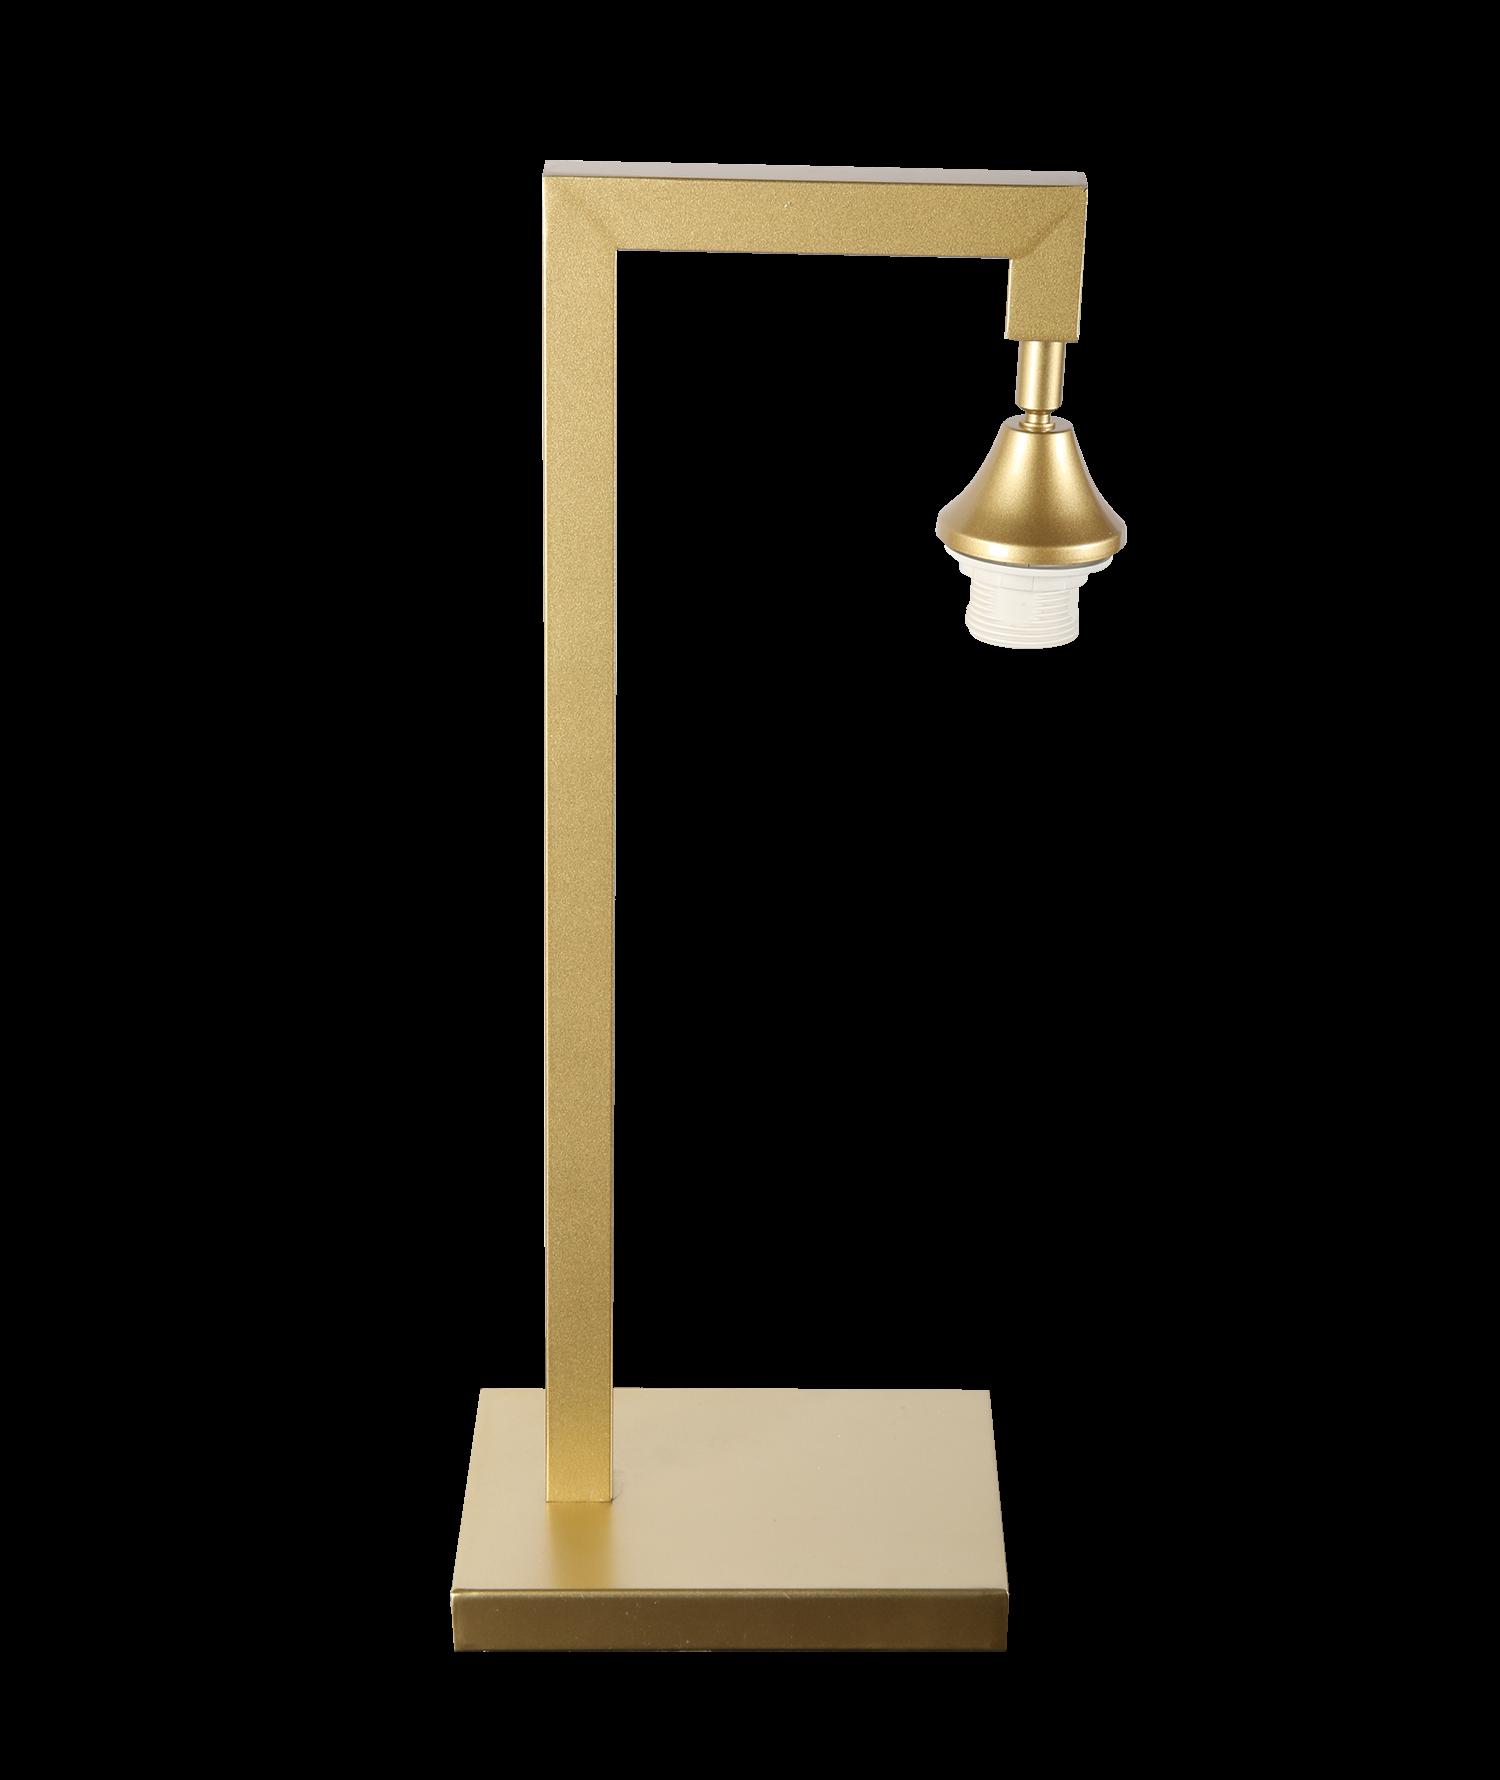 Tafellamp Caro (D) groot goud